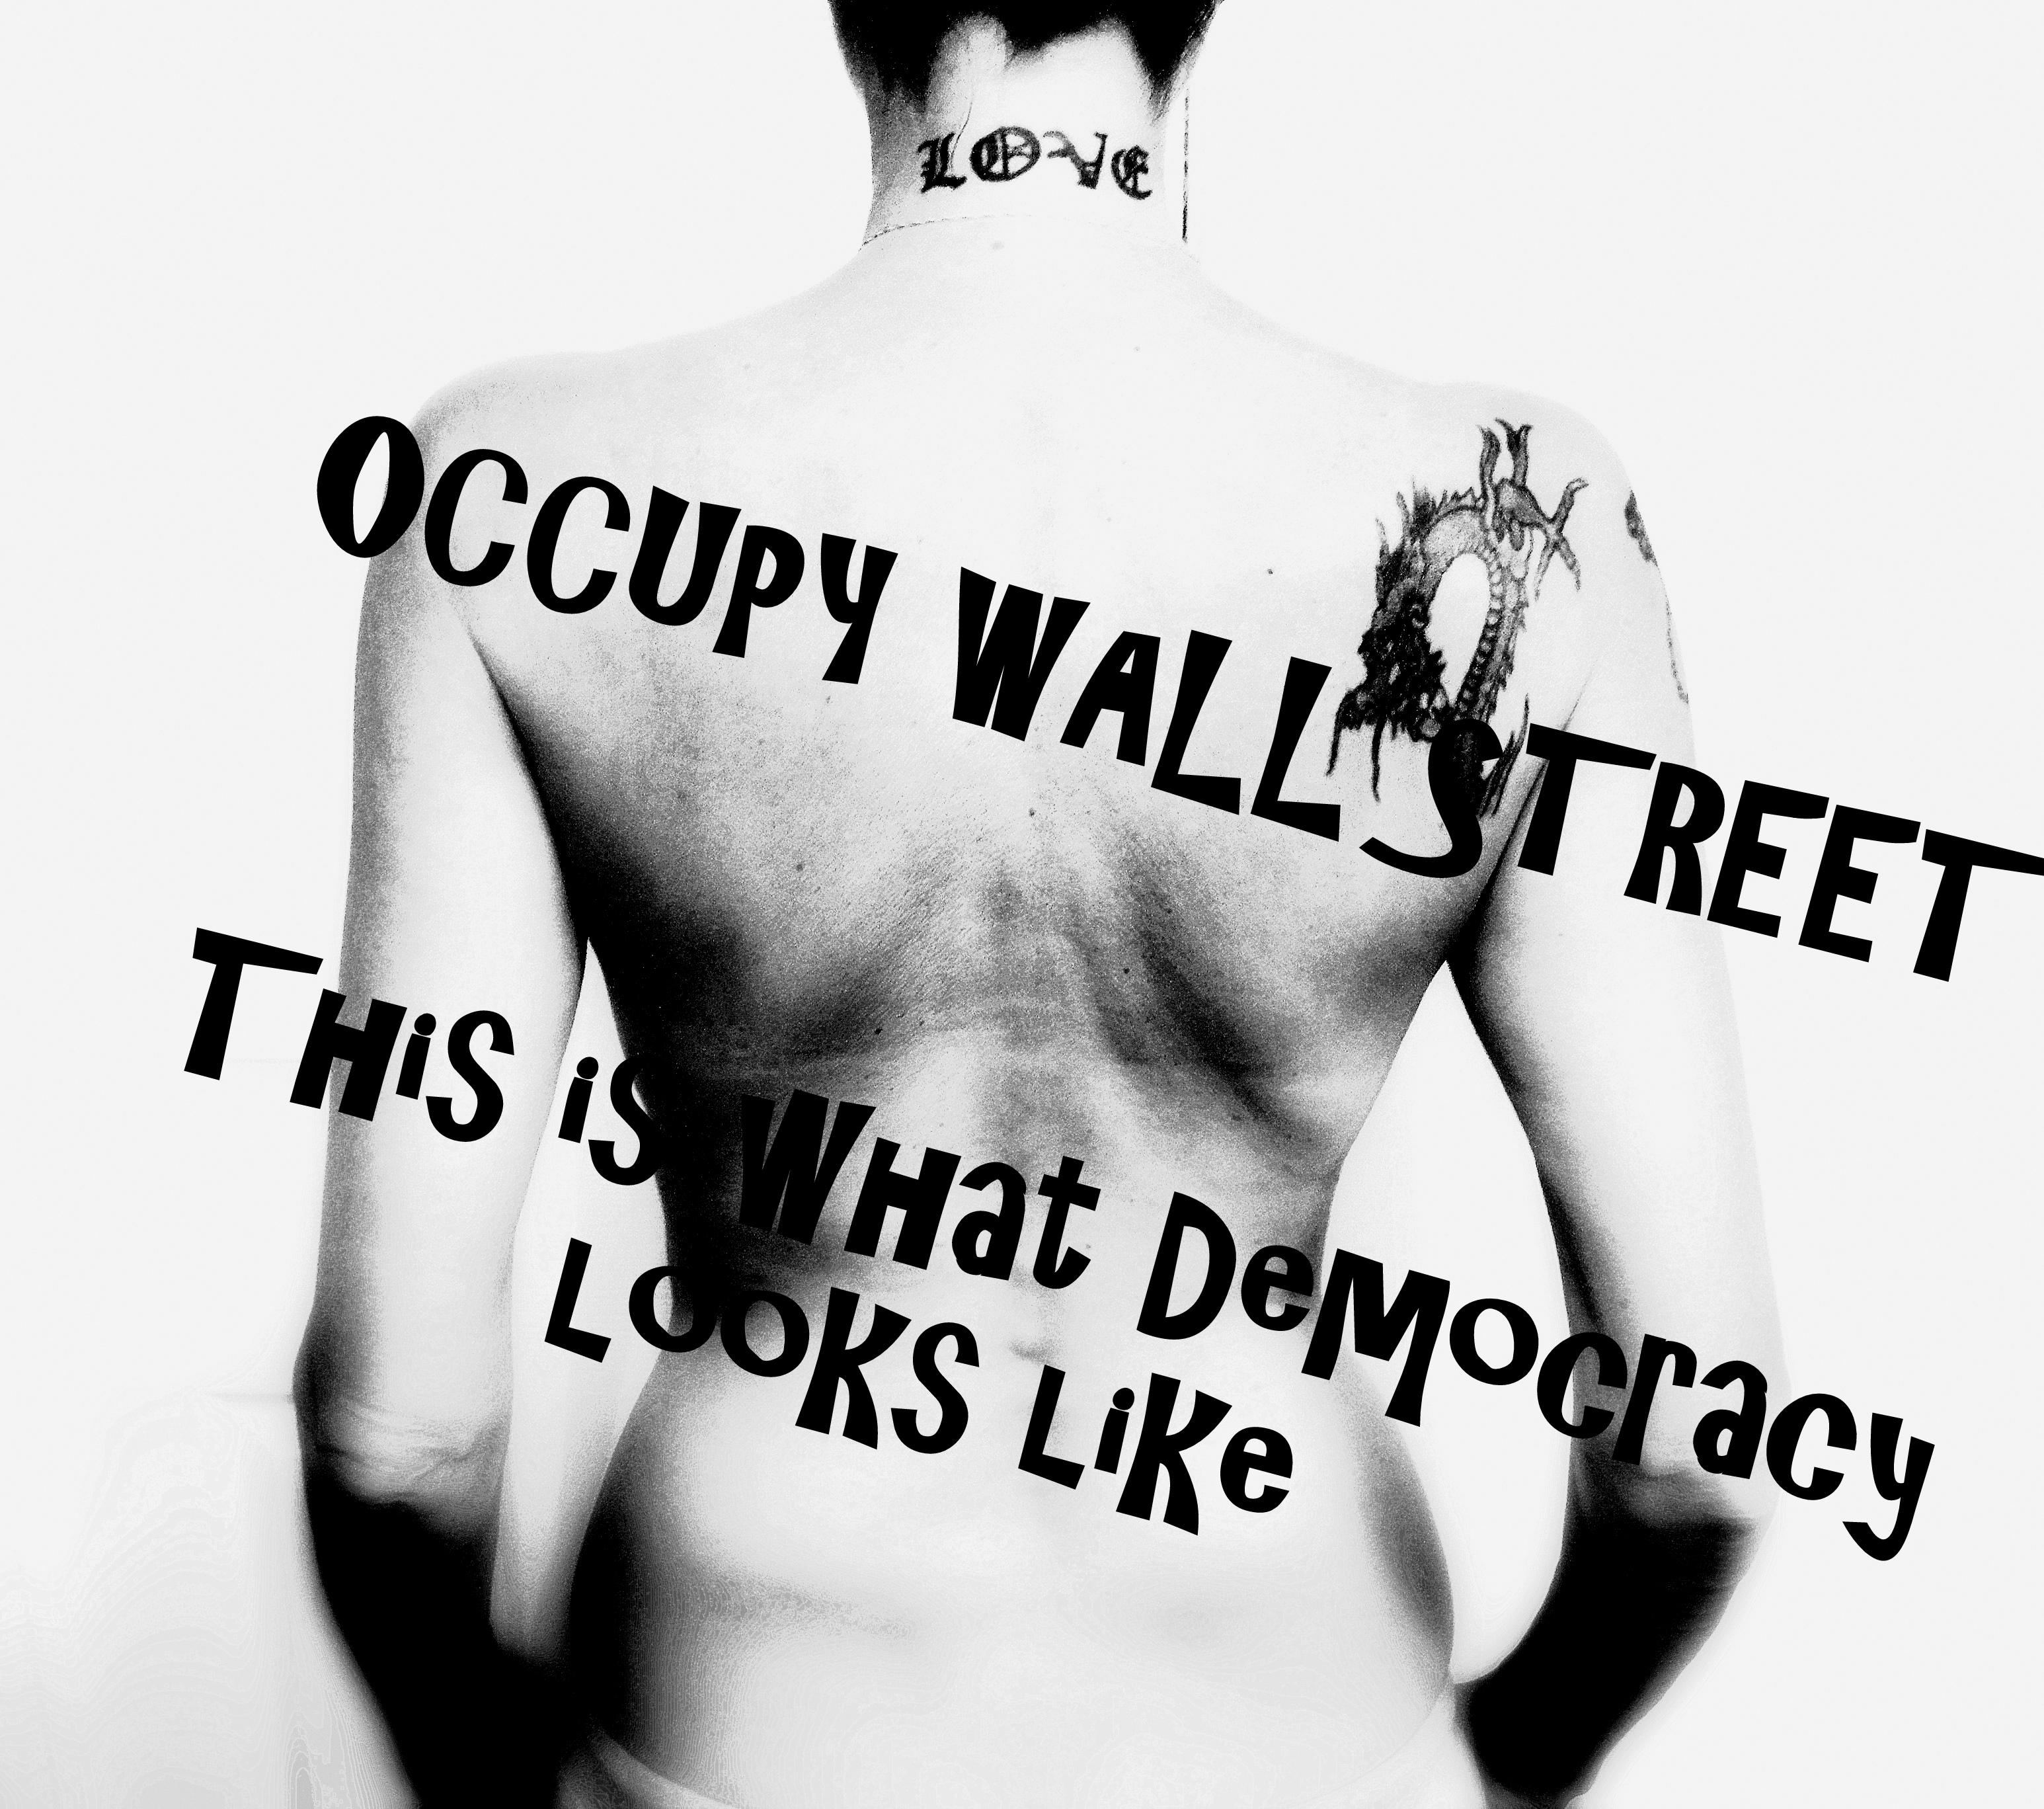 OCCUPY-WALL-STREET-Roxy-Lopez.jpg